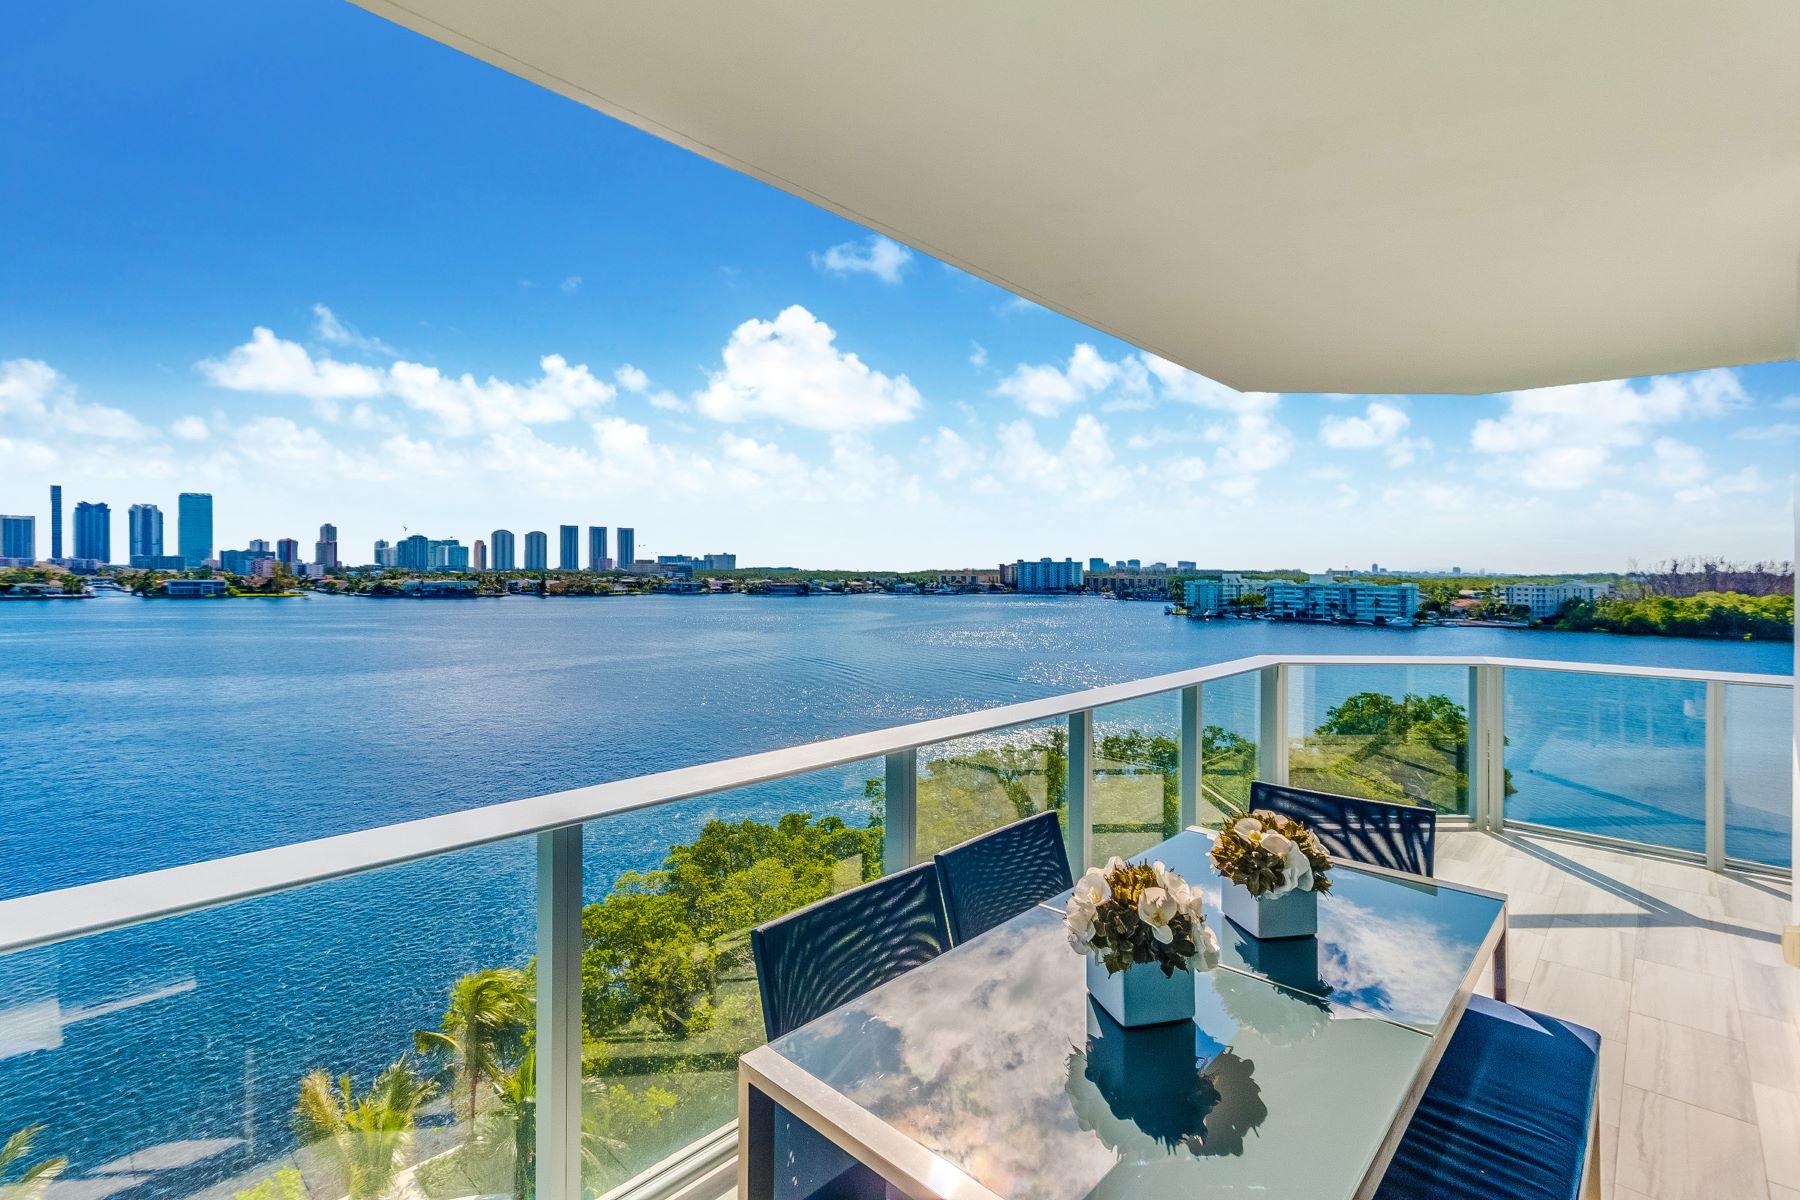 شقة بعمارة للـ Rent في 17111 Biscayne Blvd #710 17111 Biscayne Blvd 710 Aventura, Florida 33160 United States